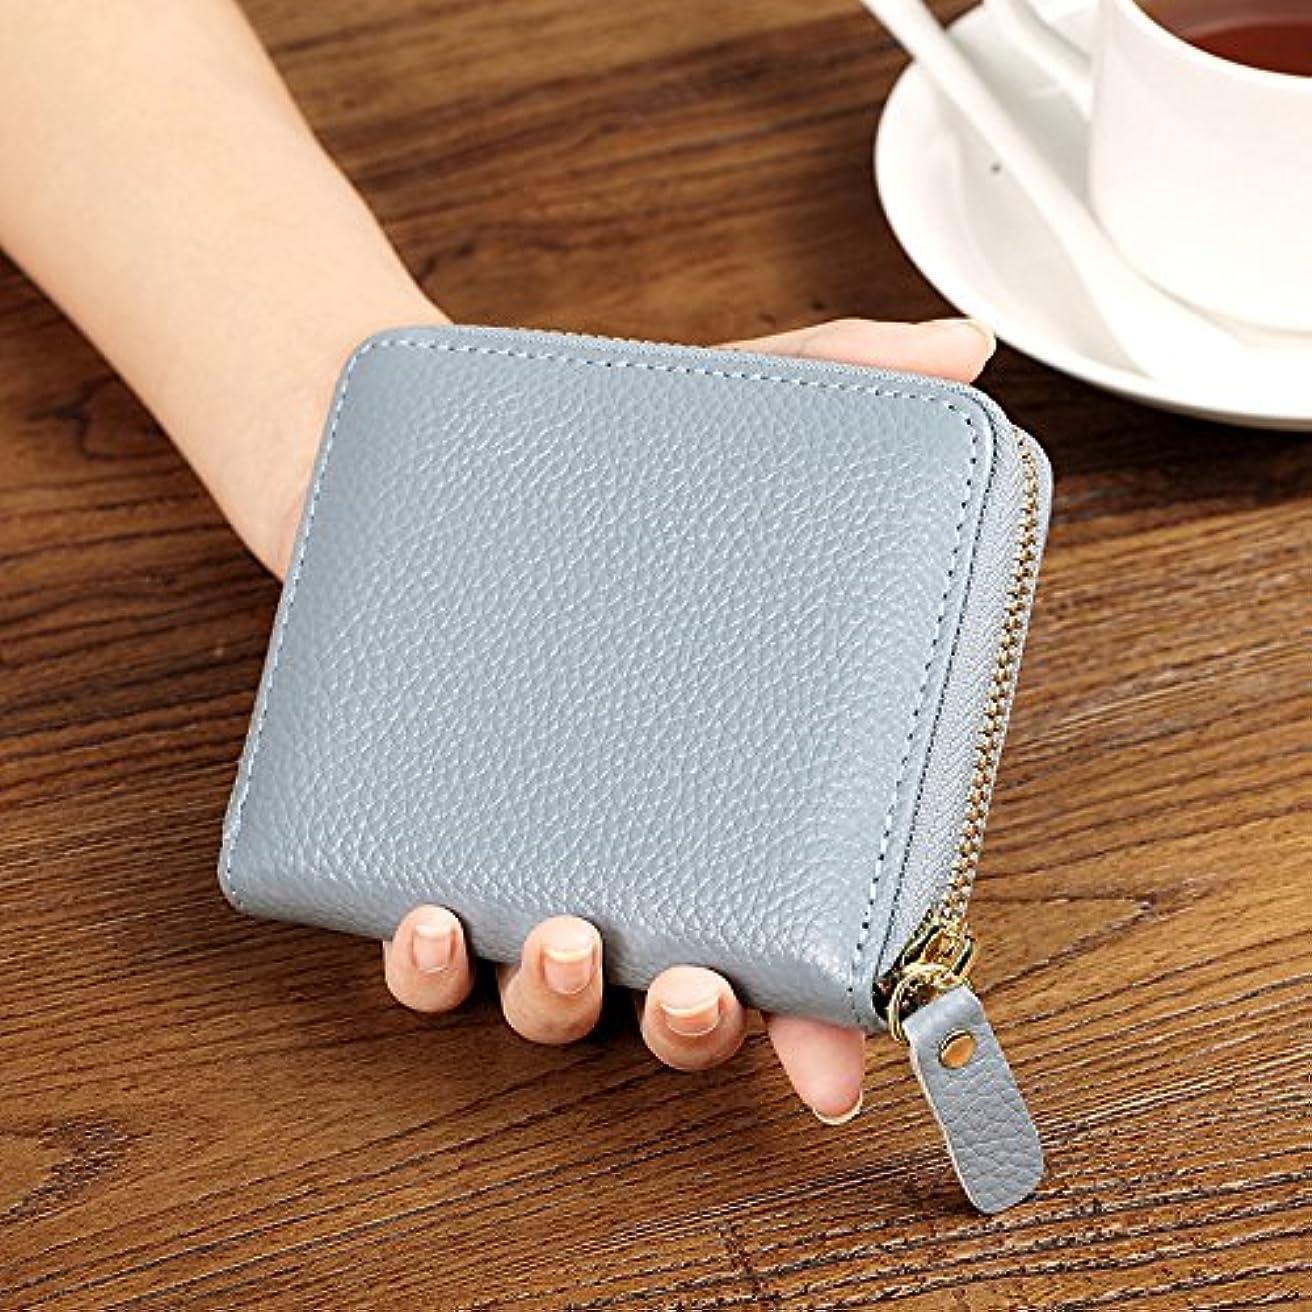 約束する札入れくぼみ女性用ショート財布小物マルチカードファスナー財布 DYY